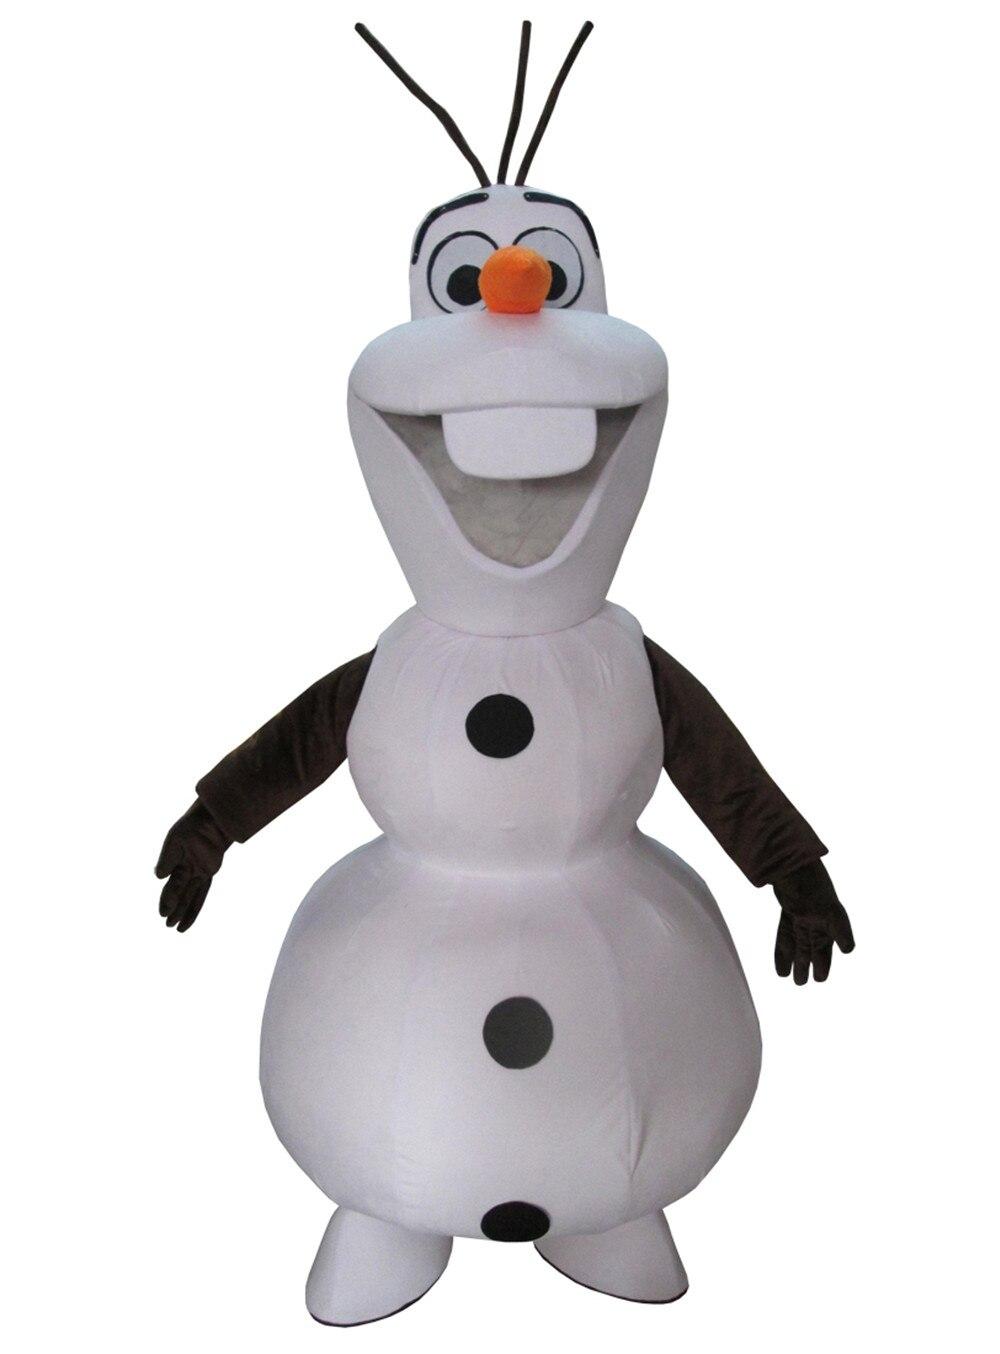 La Dernière Plus Beau Sourire Olaf Costume De Mascotte de Bande Dessinée Adulte Pied Cosplay Personnalisé Vêtements Livraison Gratuite